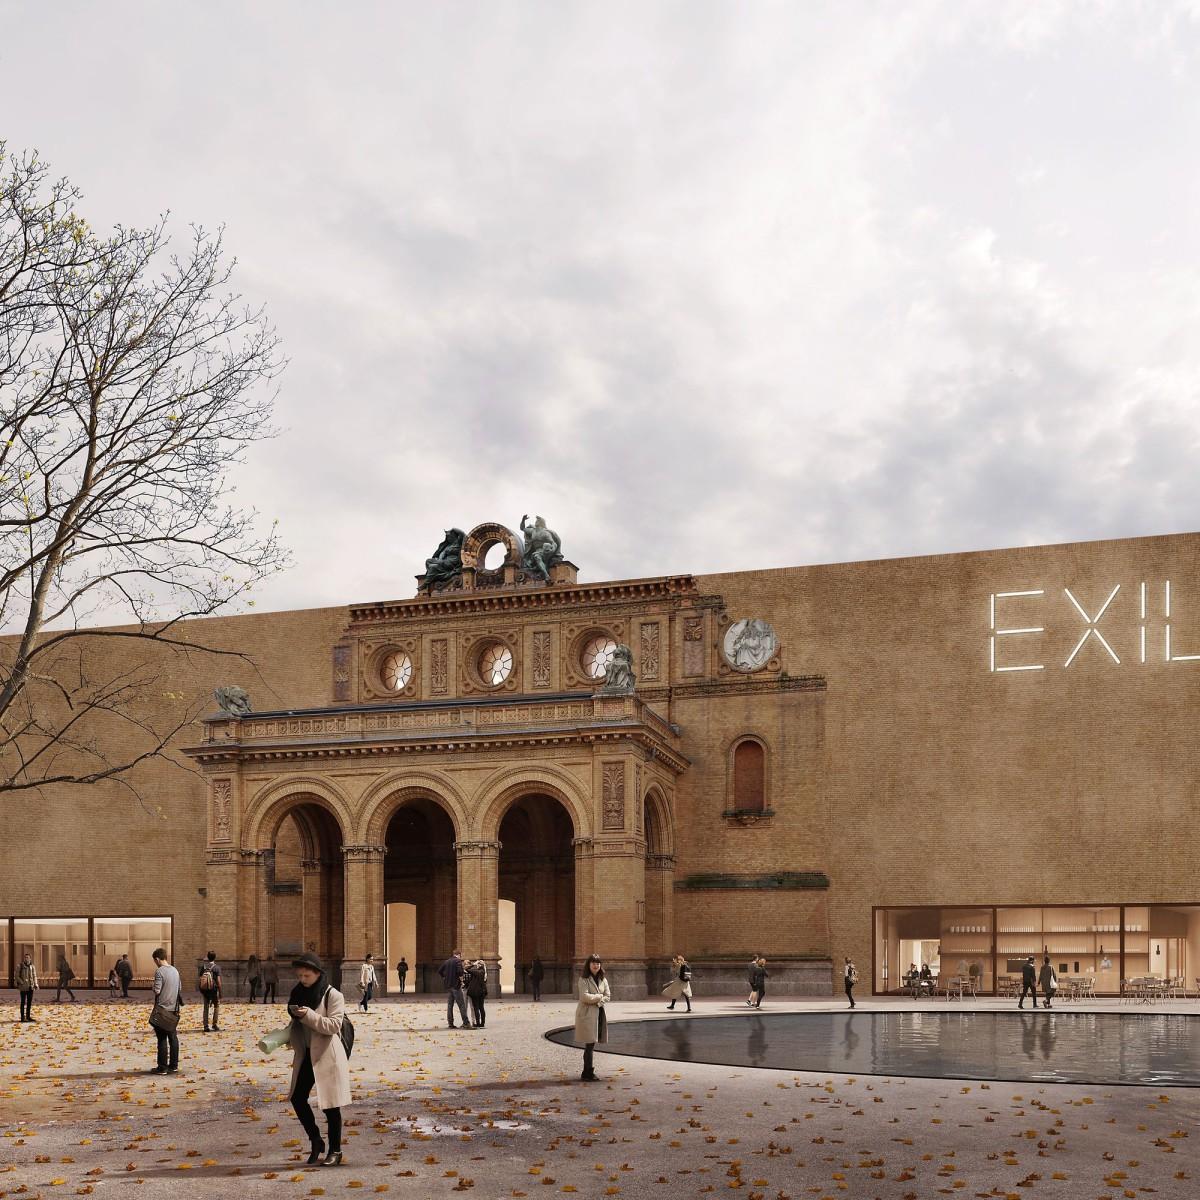 Bruno Fioretti Marquez . Exilmuseum . Berlin afasia (1)